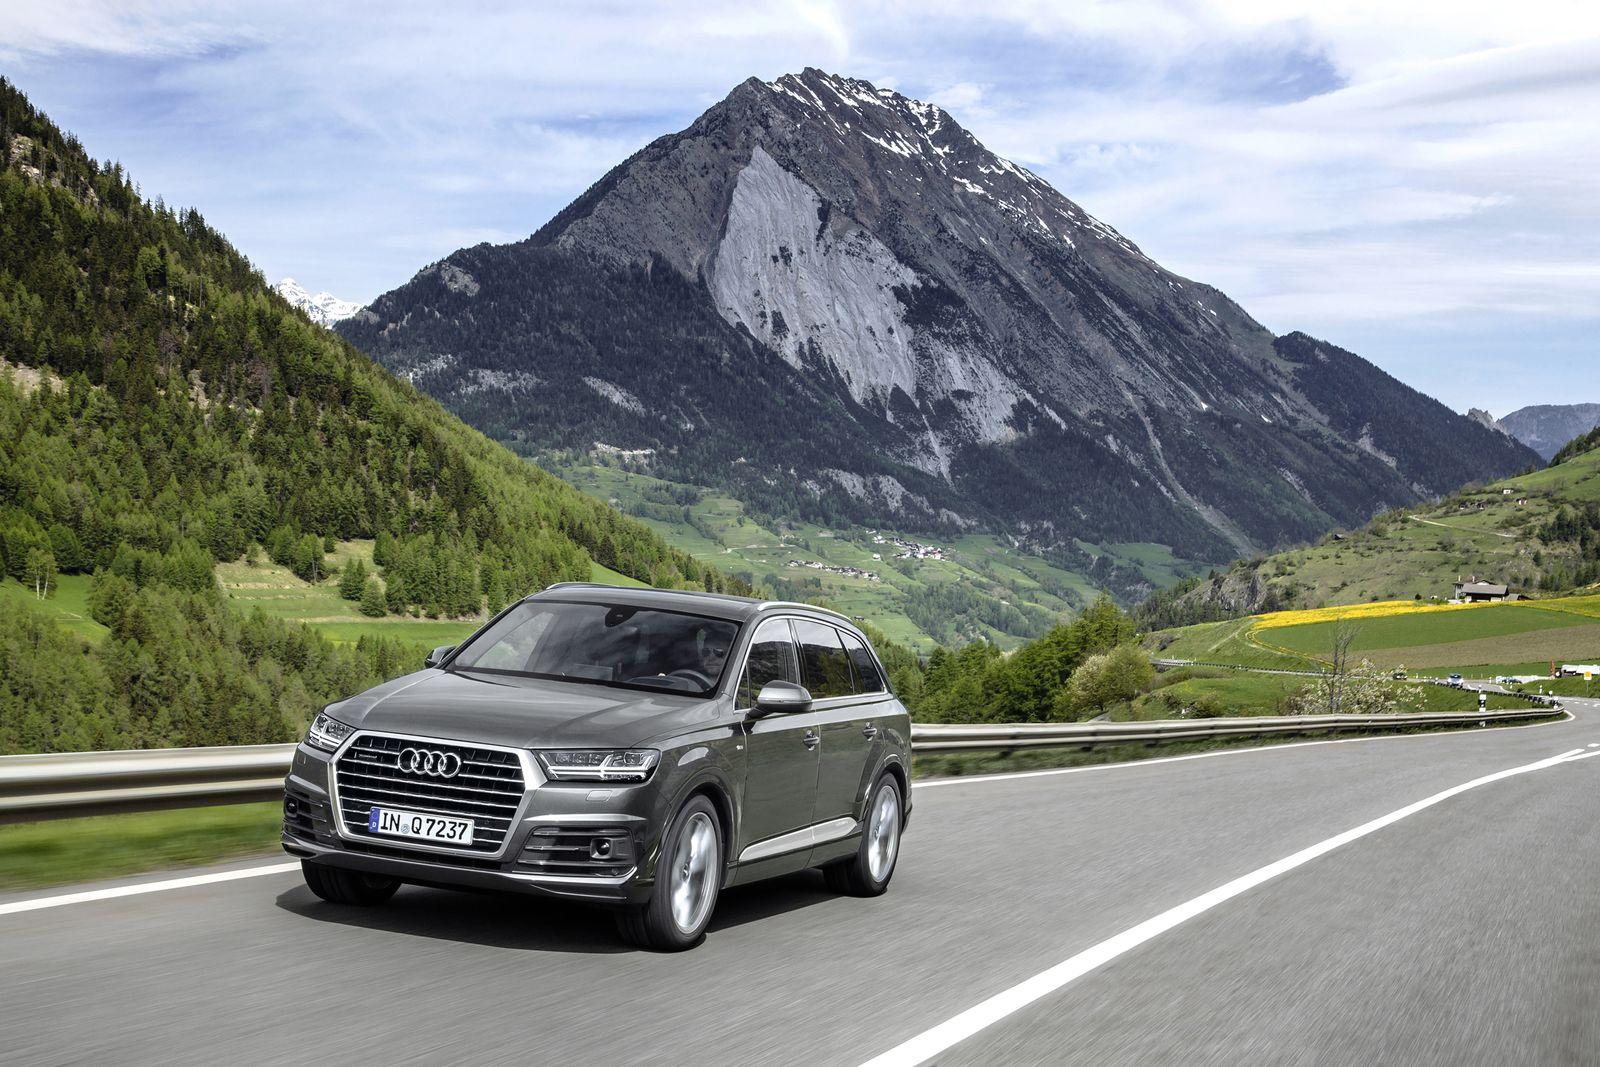 Lieblinge der Autodiebe 2015 / Audi Q7